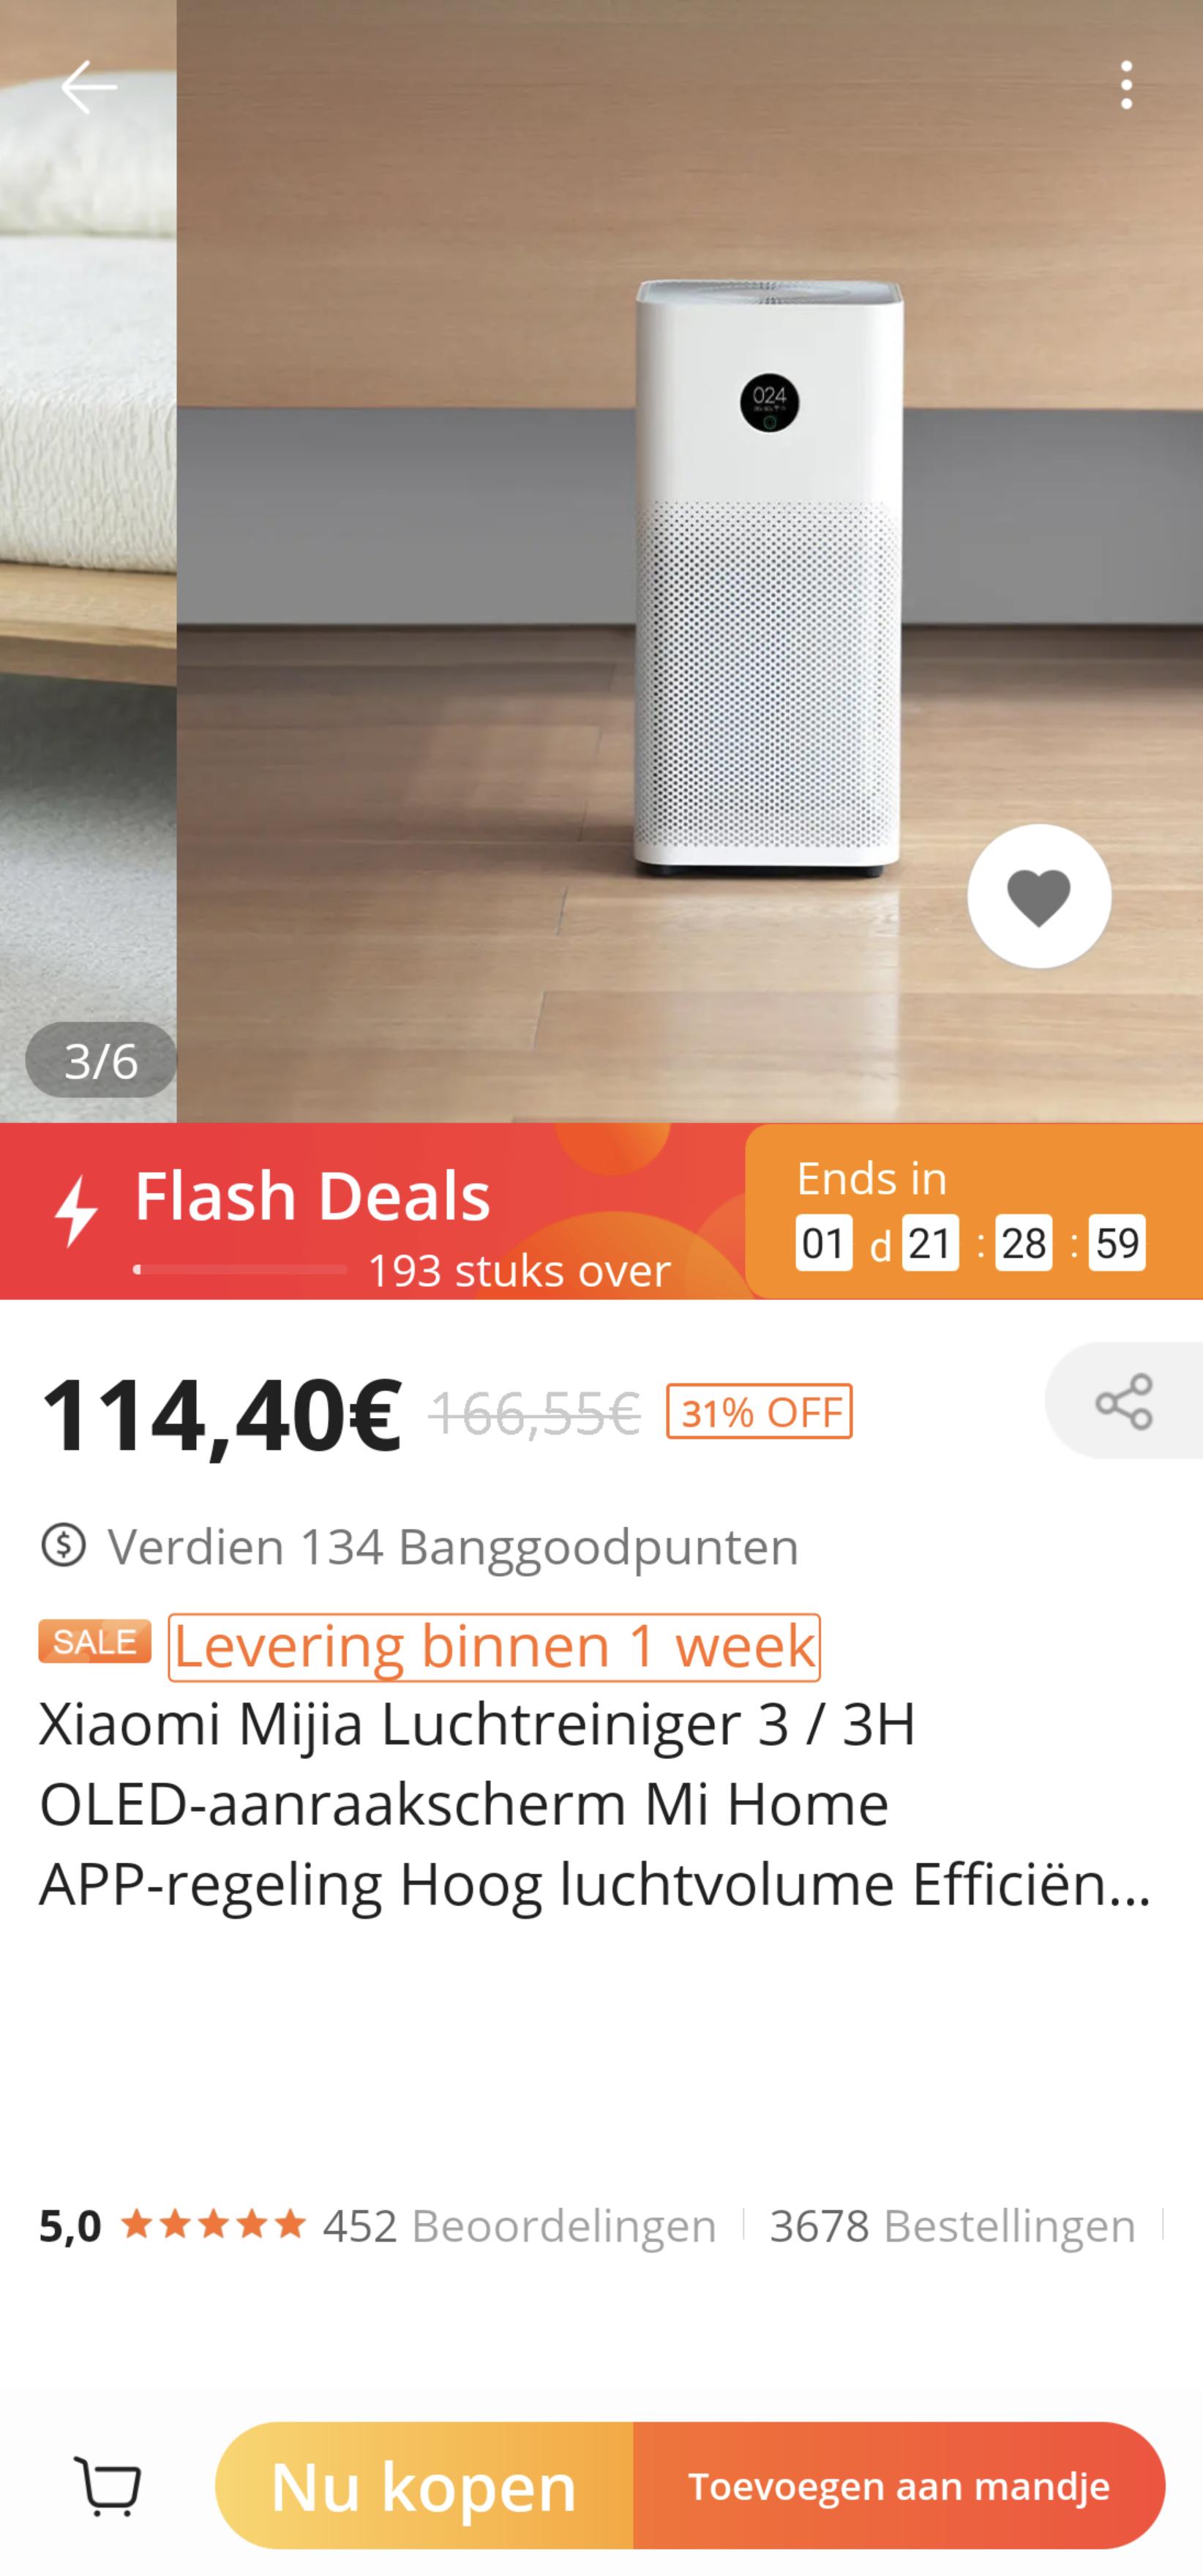 Xiaomi Luchtreiniger 3/ 3h